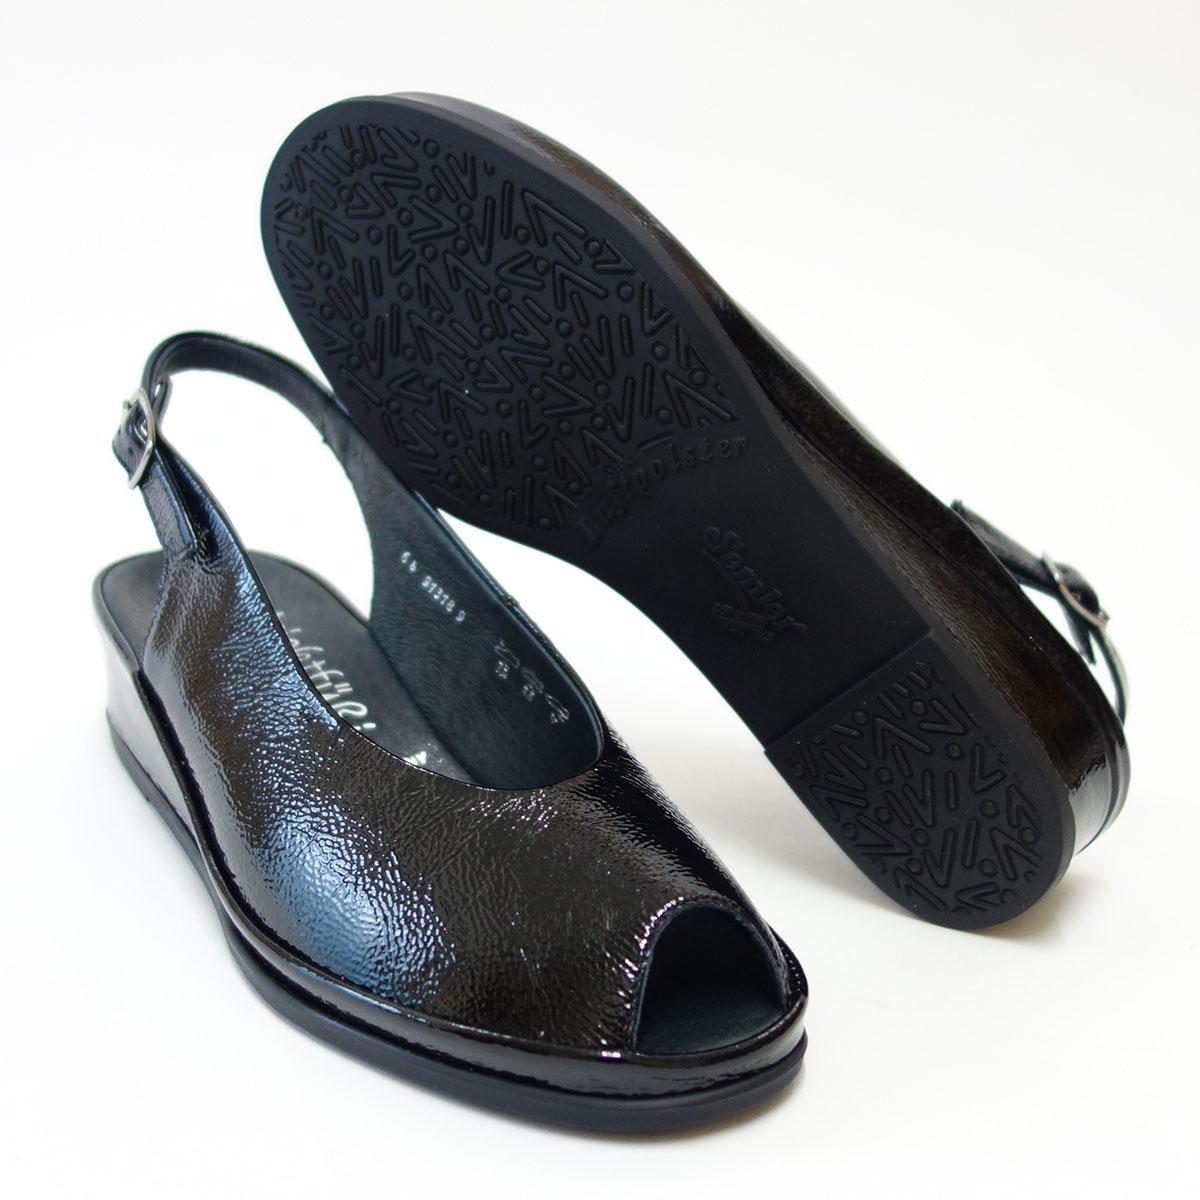 足をやさしく包み込む快適シューズSemler セムラー 2112 ブラックエナメル足裏が気持ち良いドイツ製フットベッドサンダル「靴」